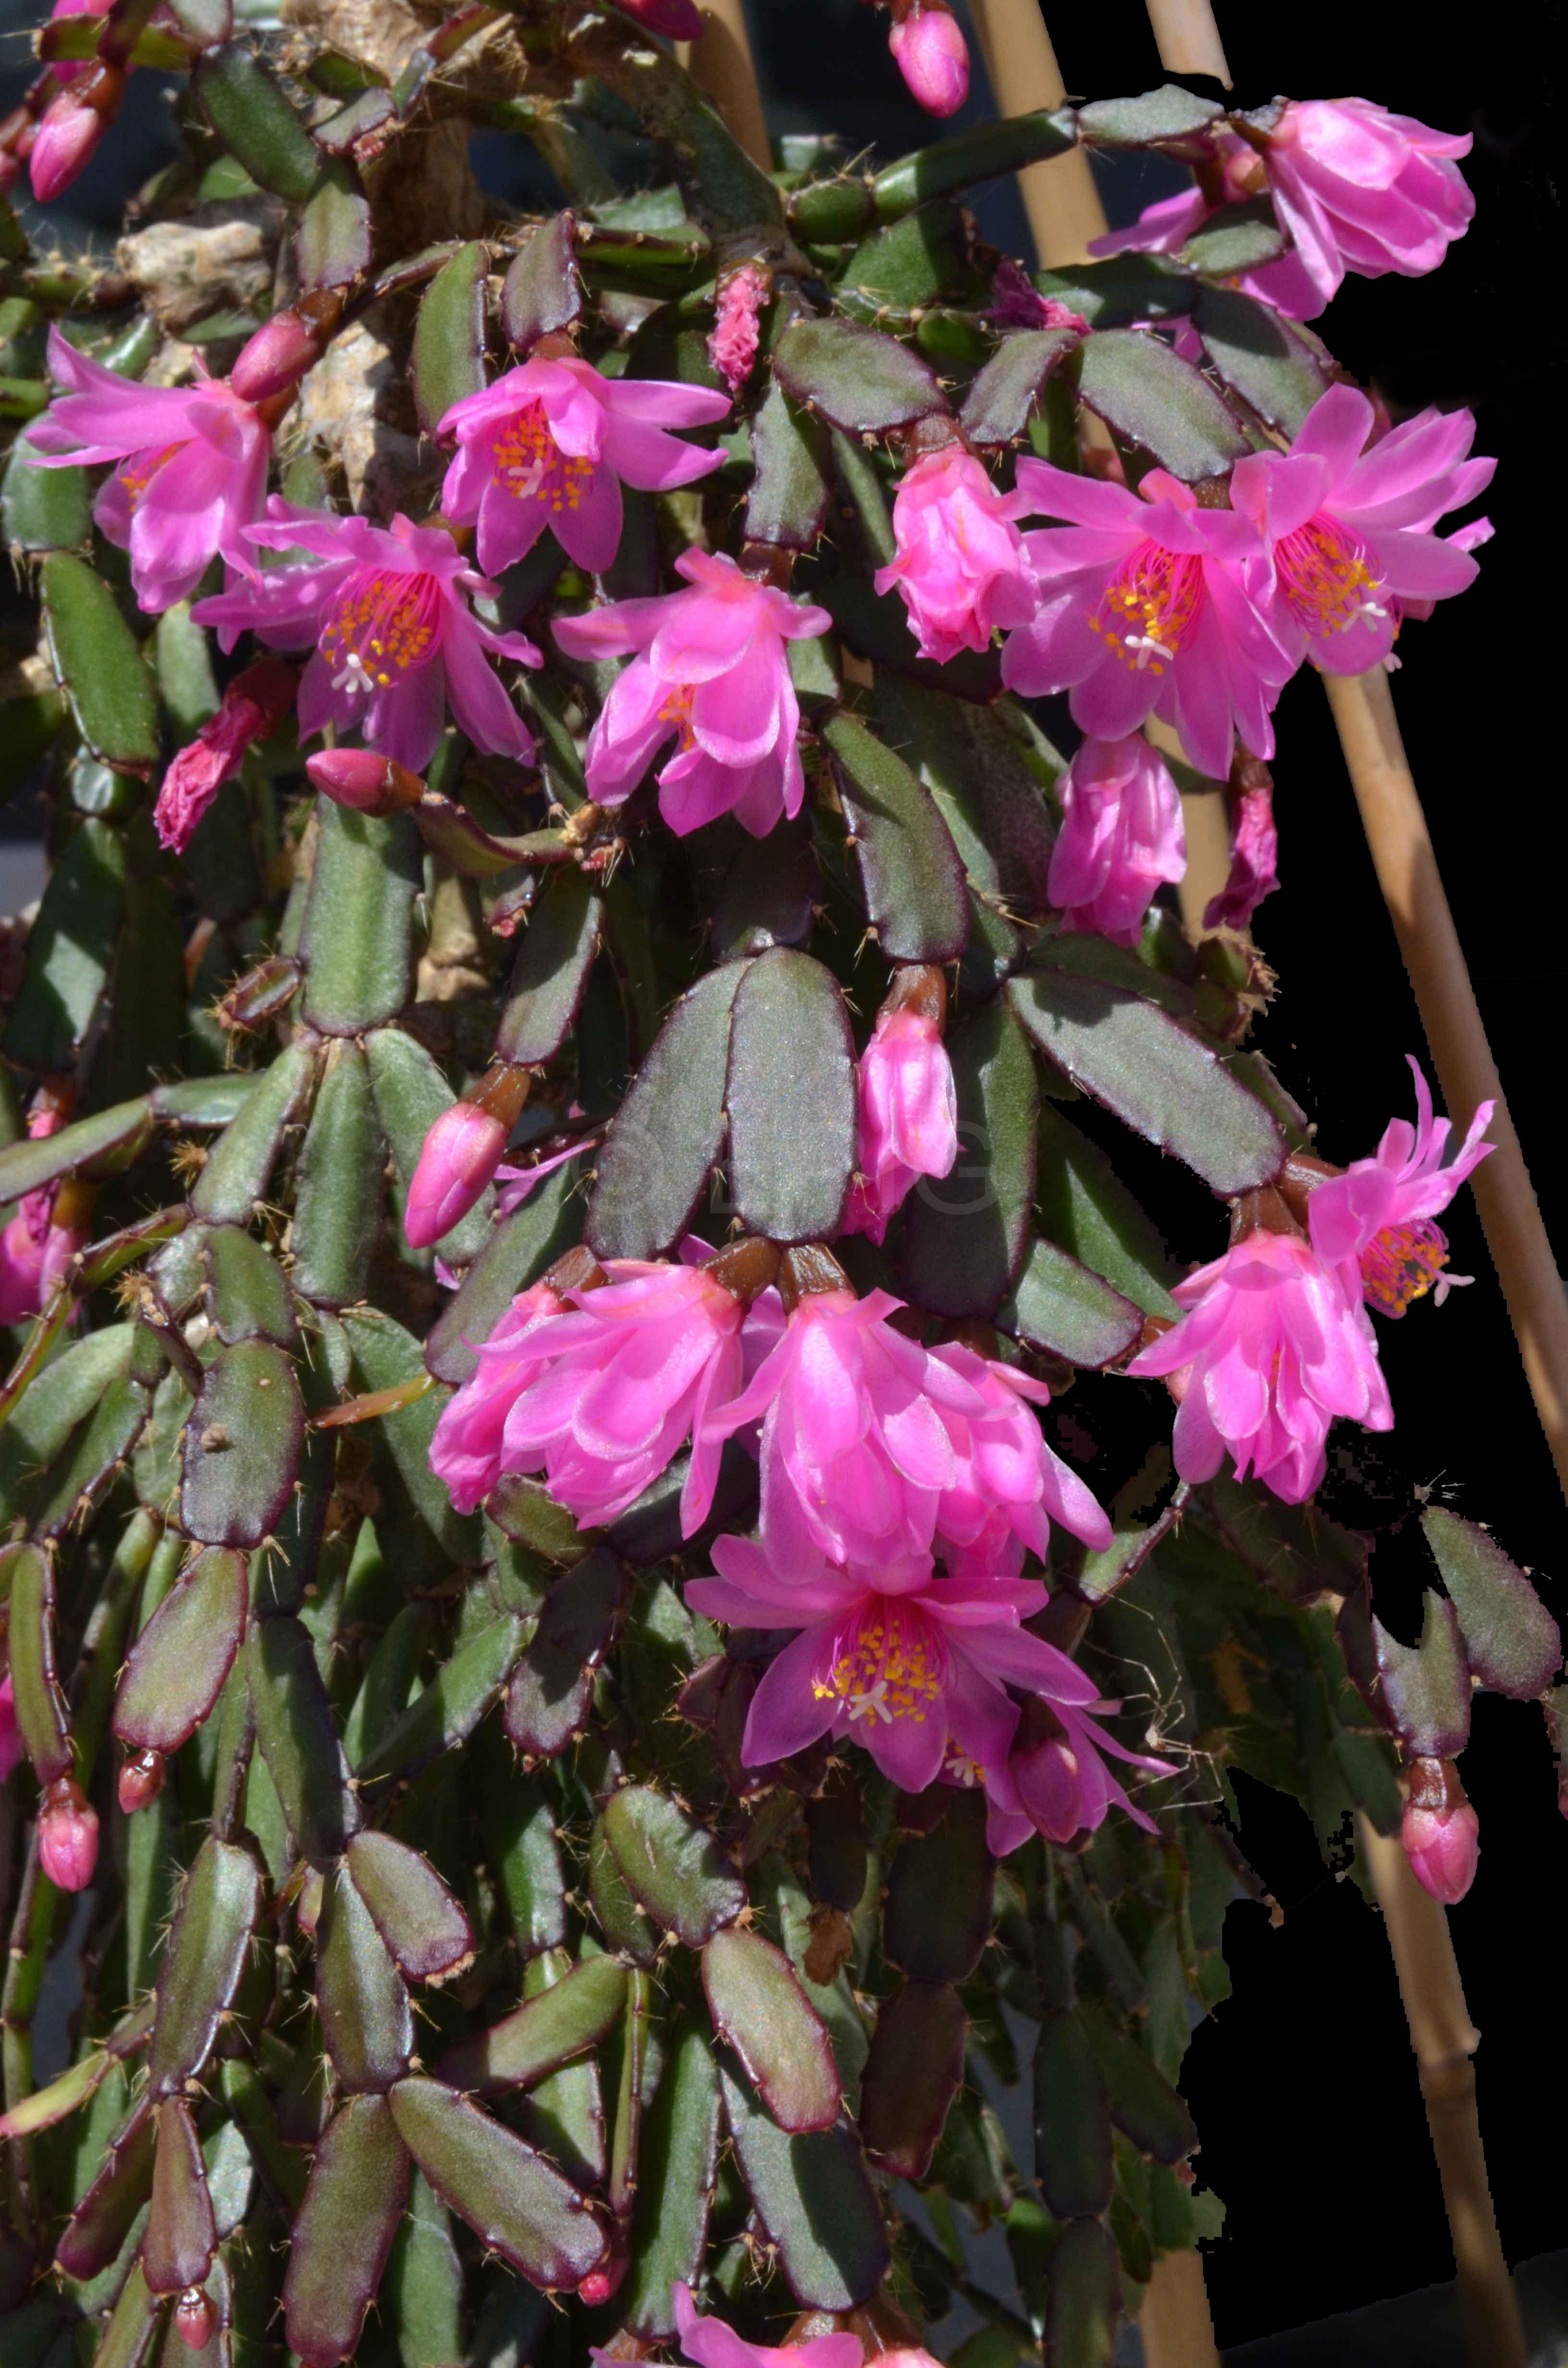 Rhipsalidopsis rosea (Foto Andreas Hofacker)